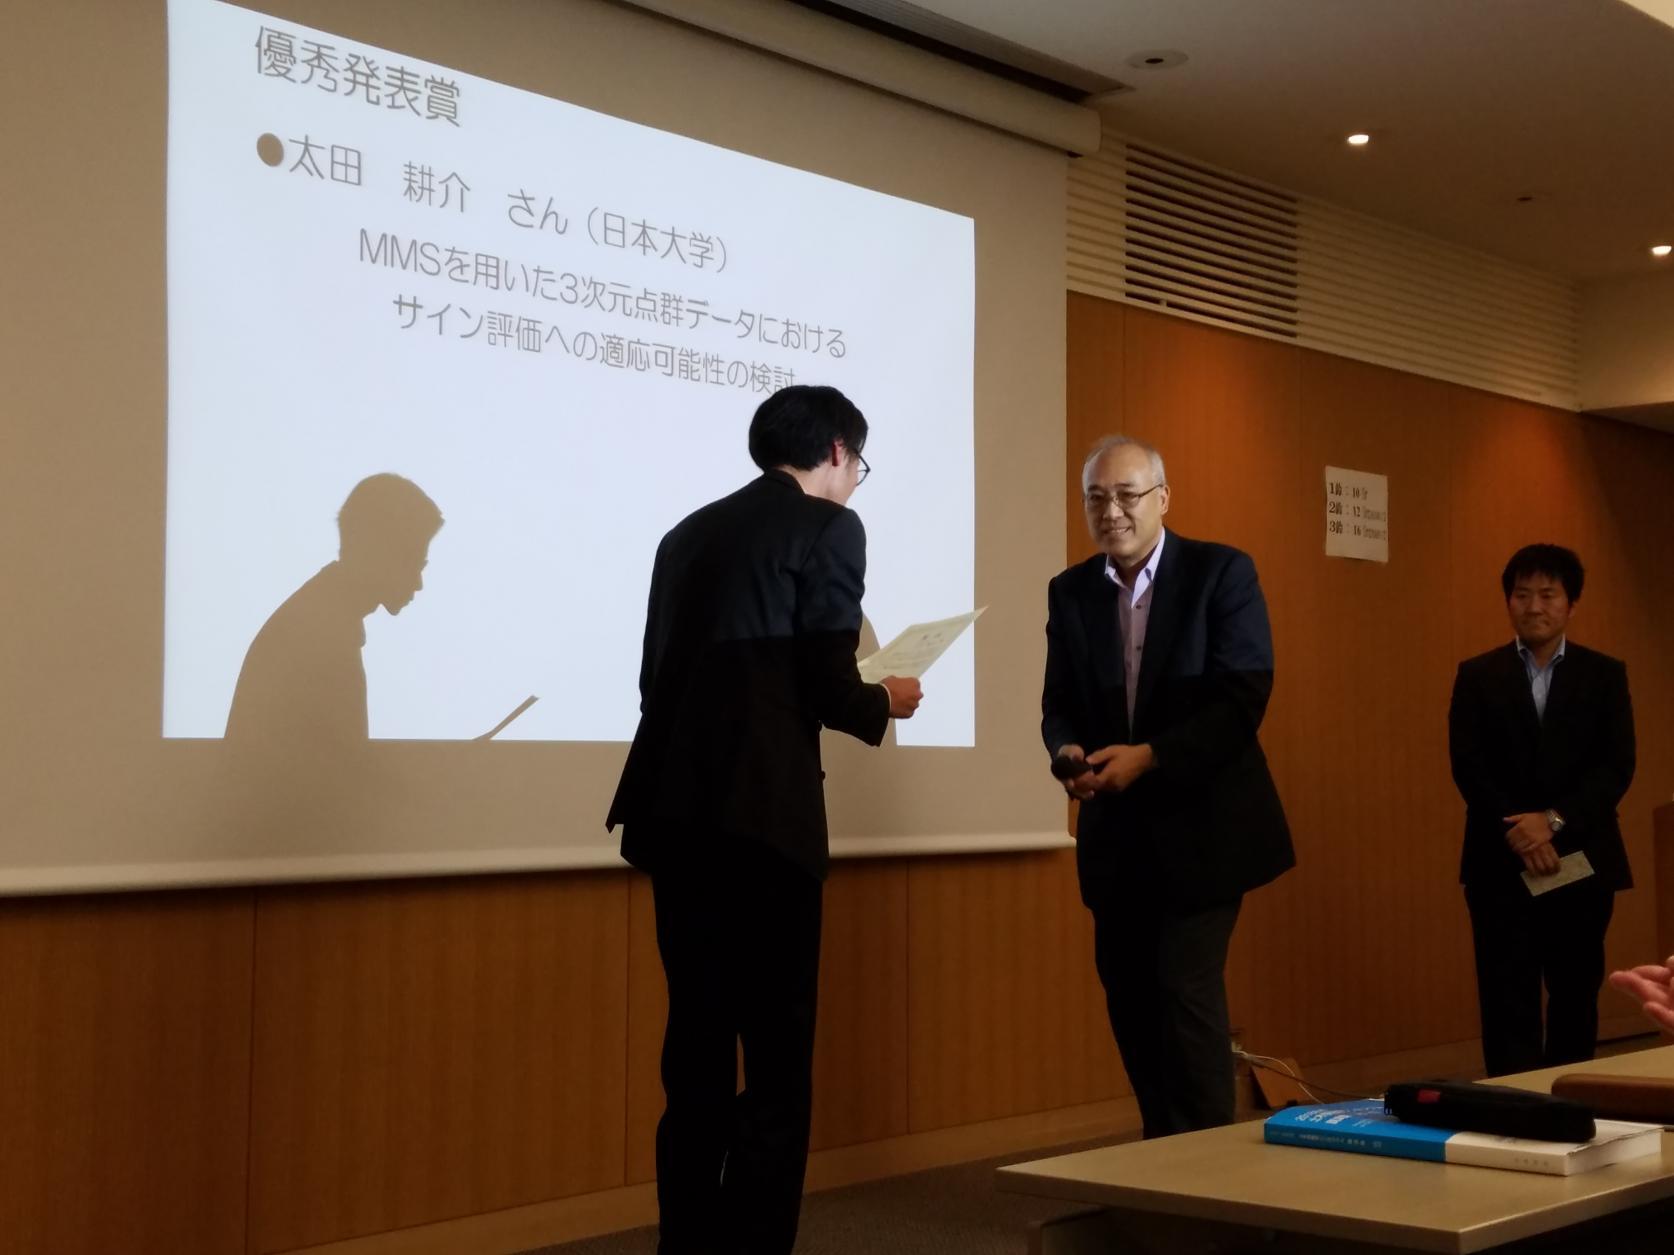 交通システム工学専攻1年の太田耕介さんが「第43回土木情報学シンポジウム」において、優秀発表賞を受賞しました。